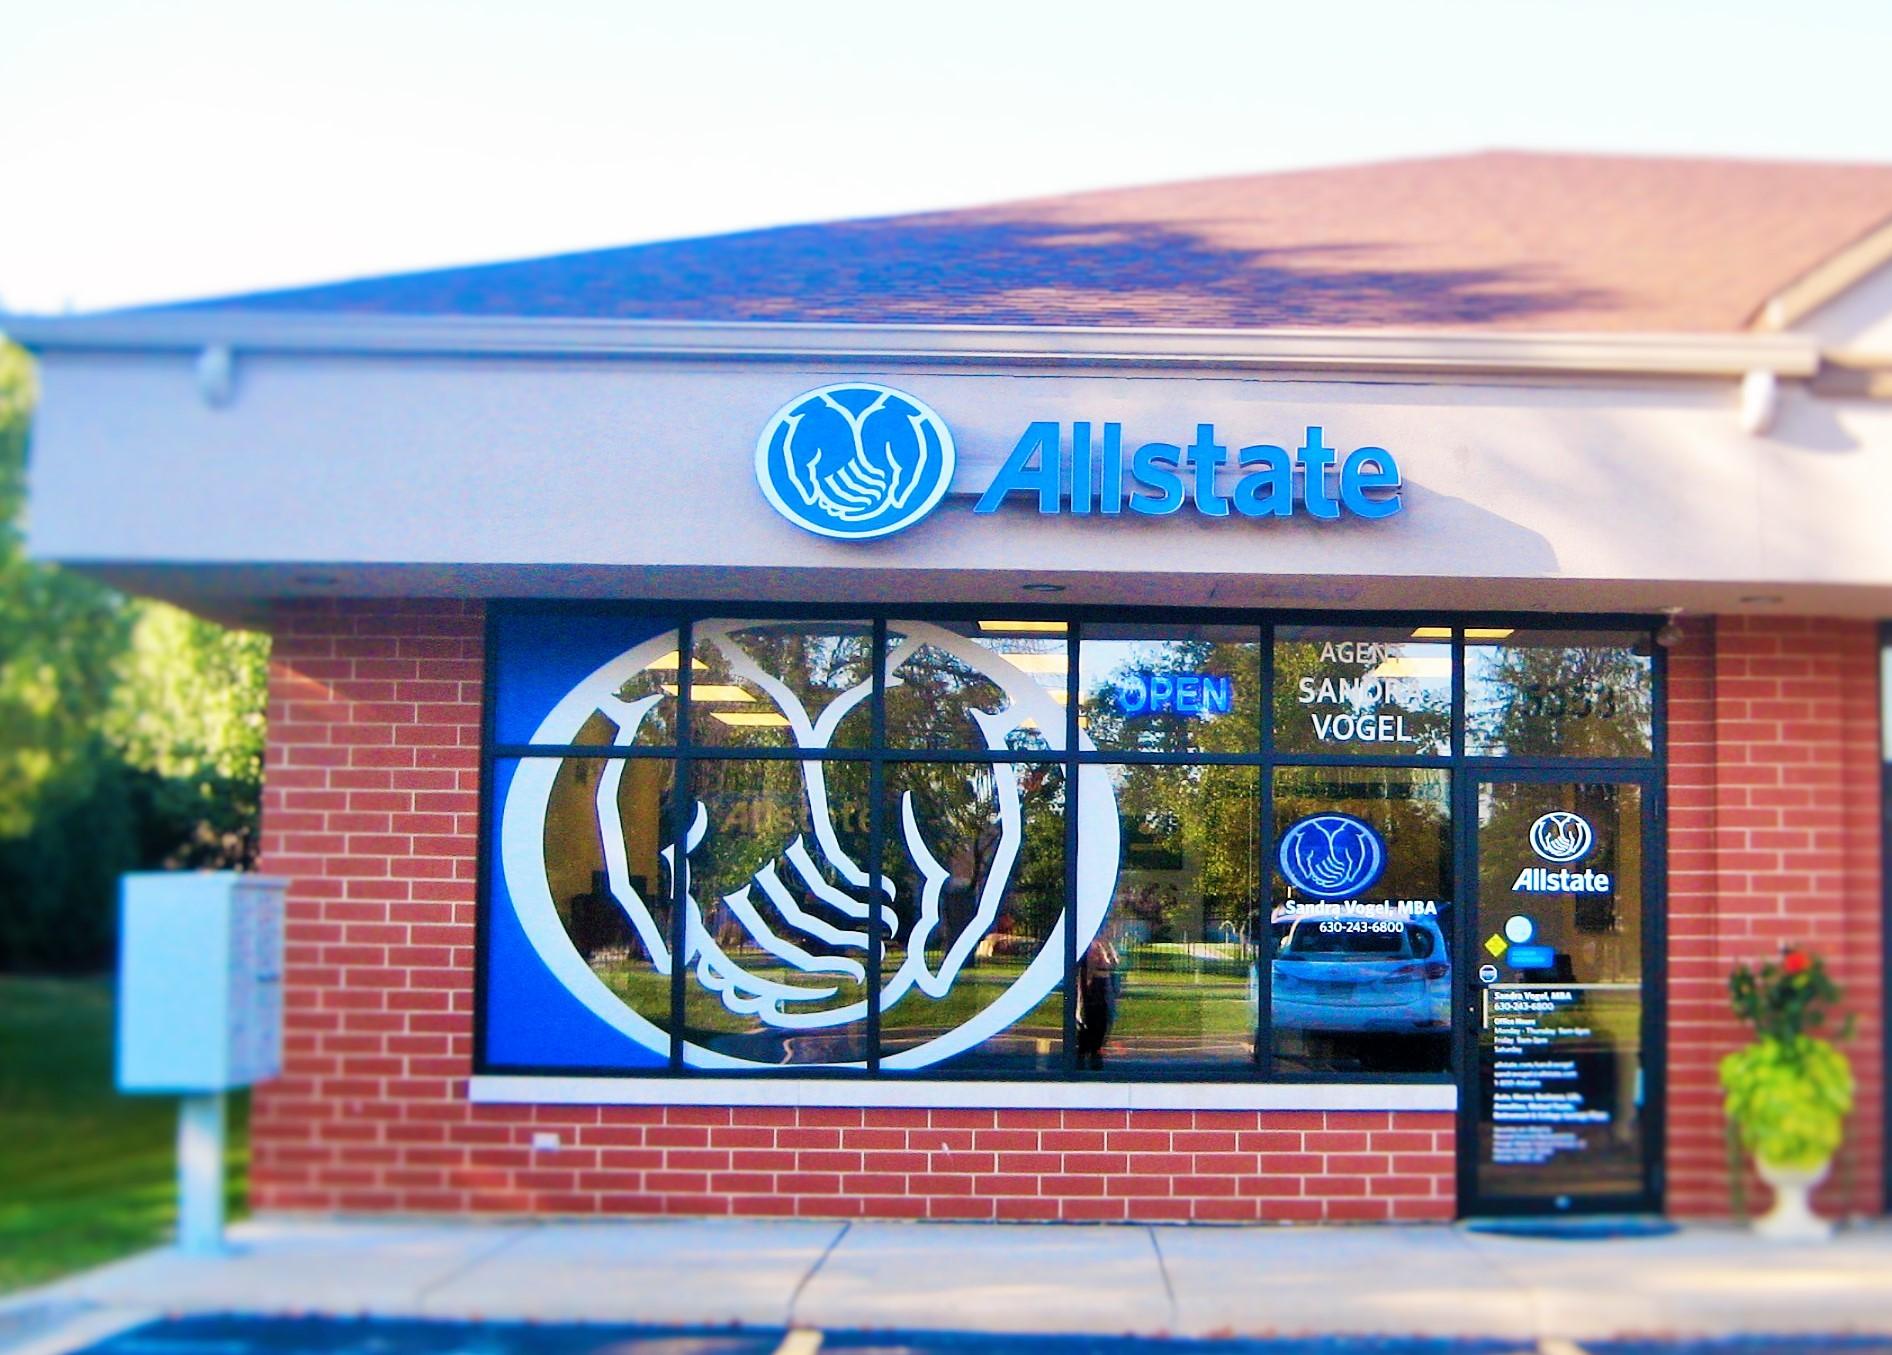 Allstate Insurance Agent: Sandra Vogel image 1